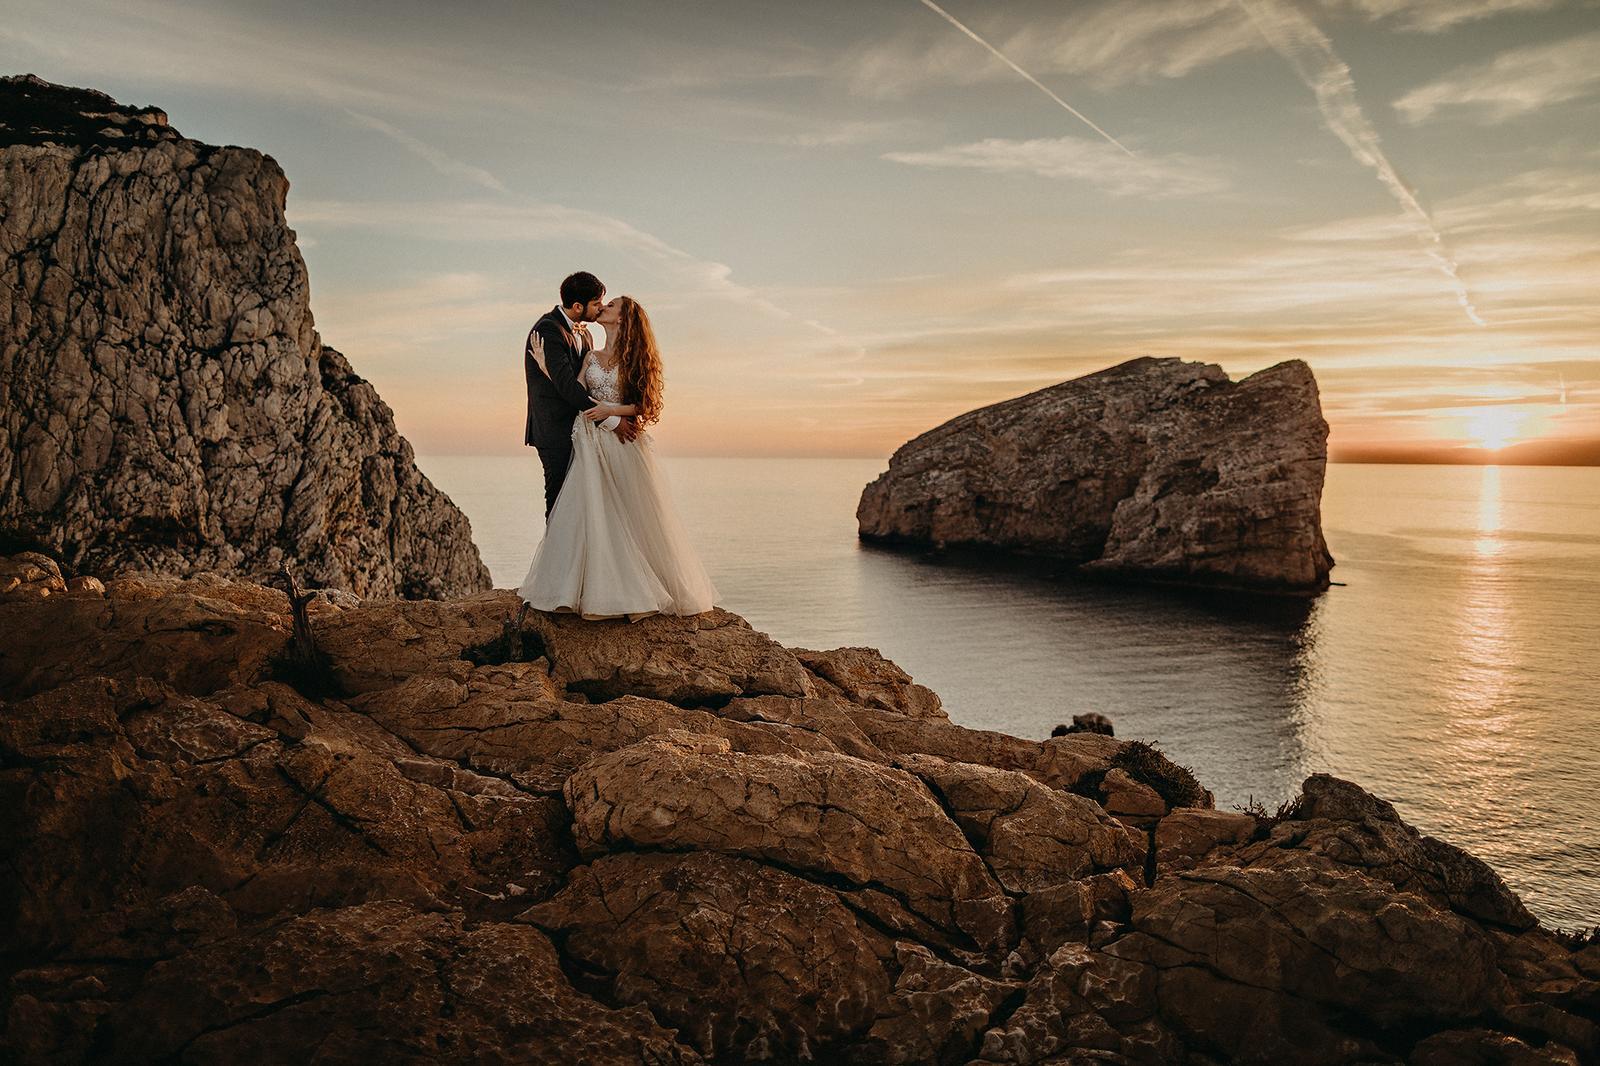 Naše svadobné fotenie na Sardínii - Obrázok č. 73